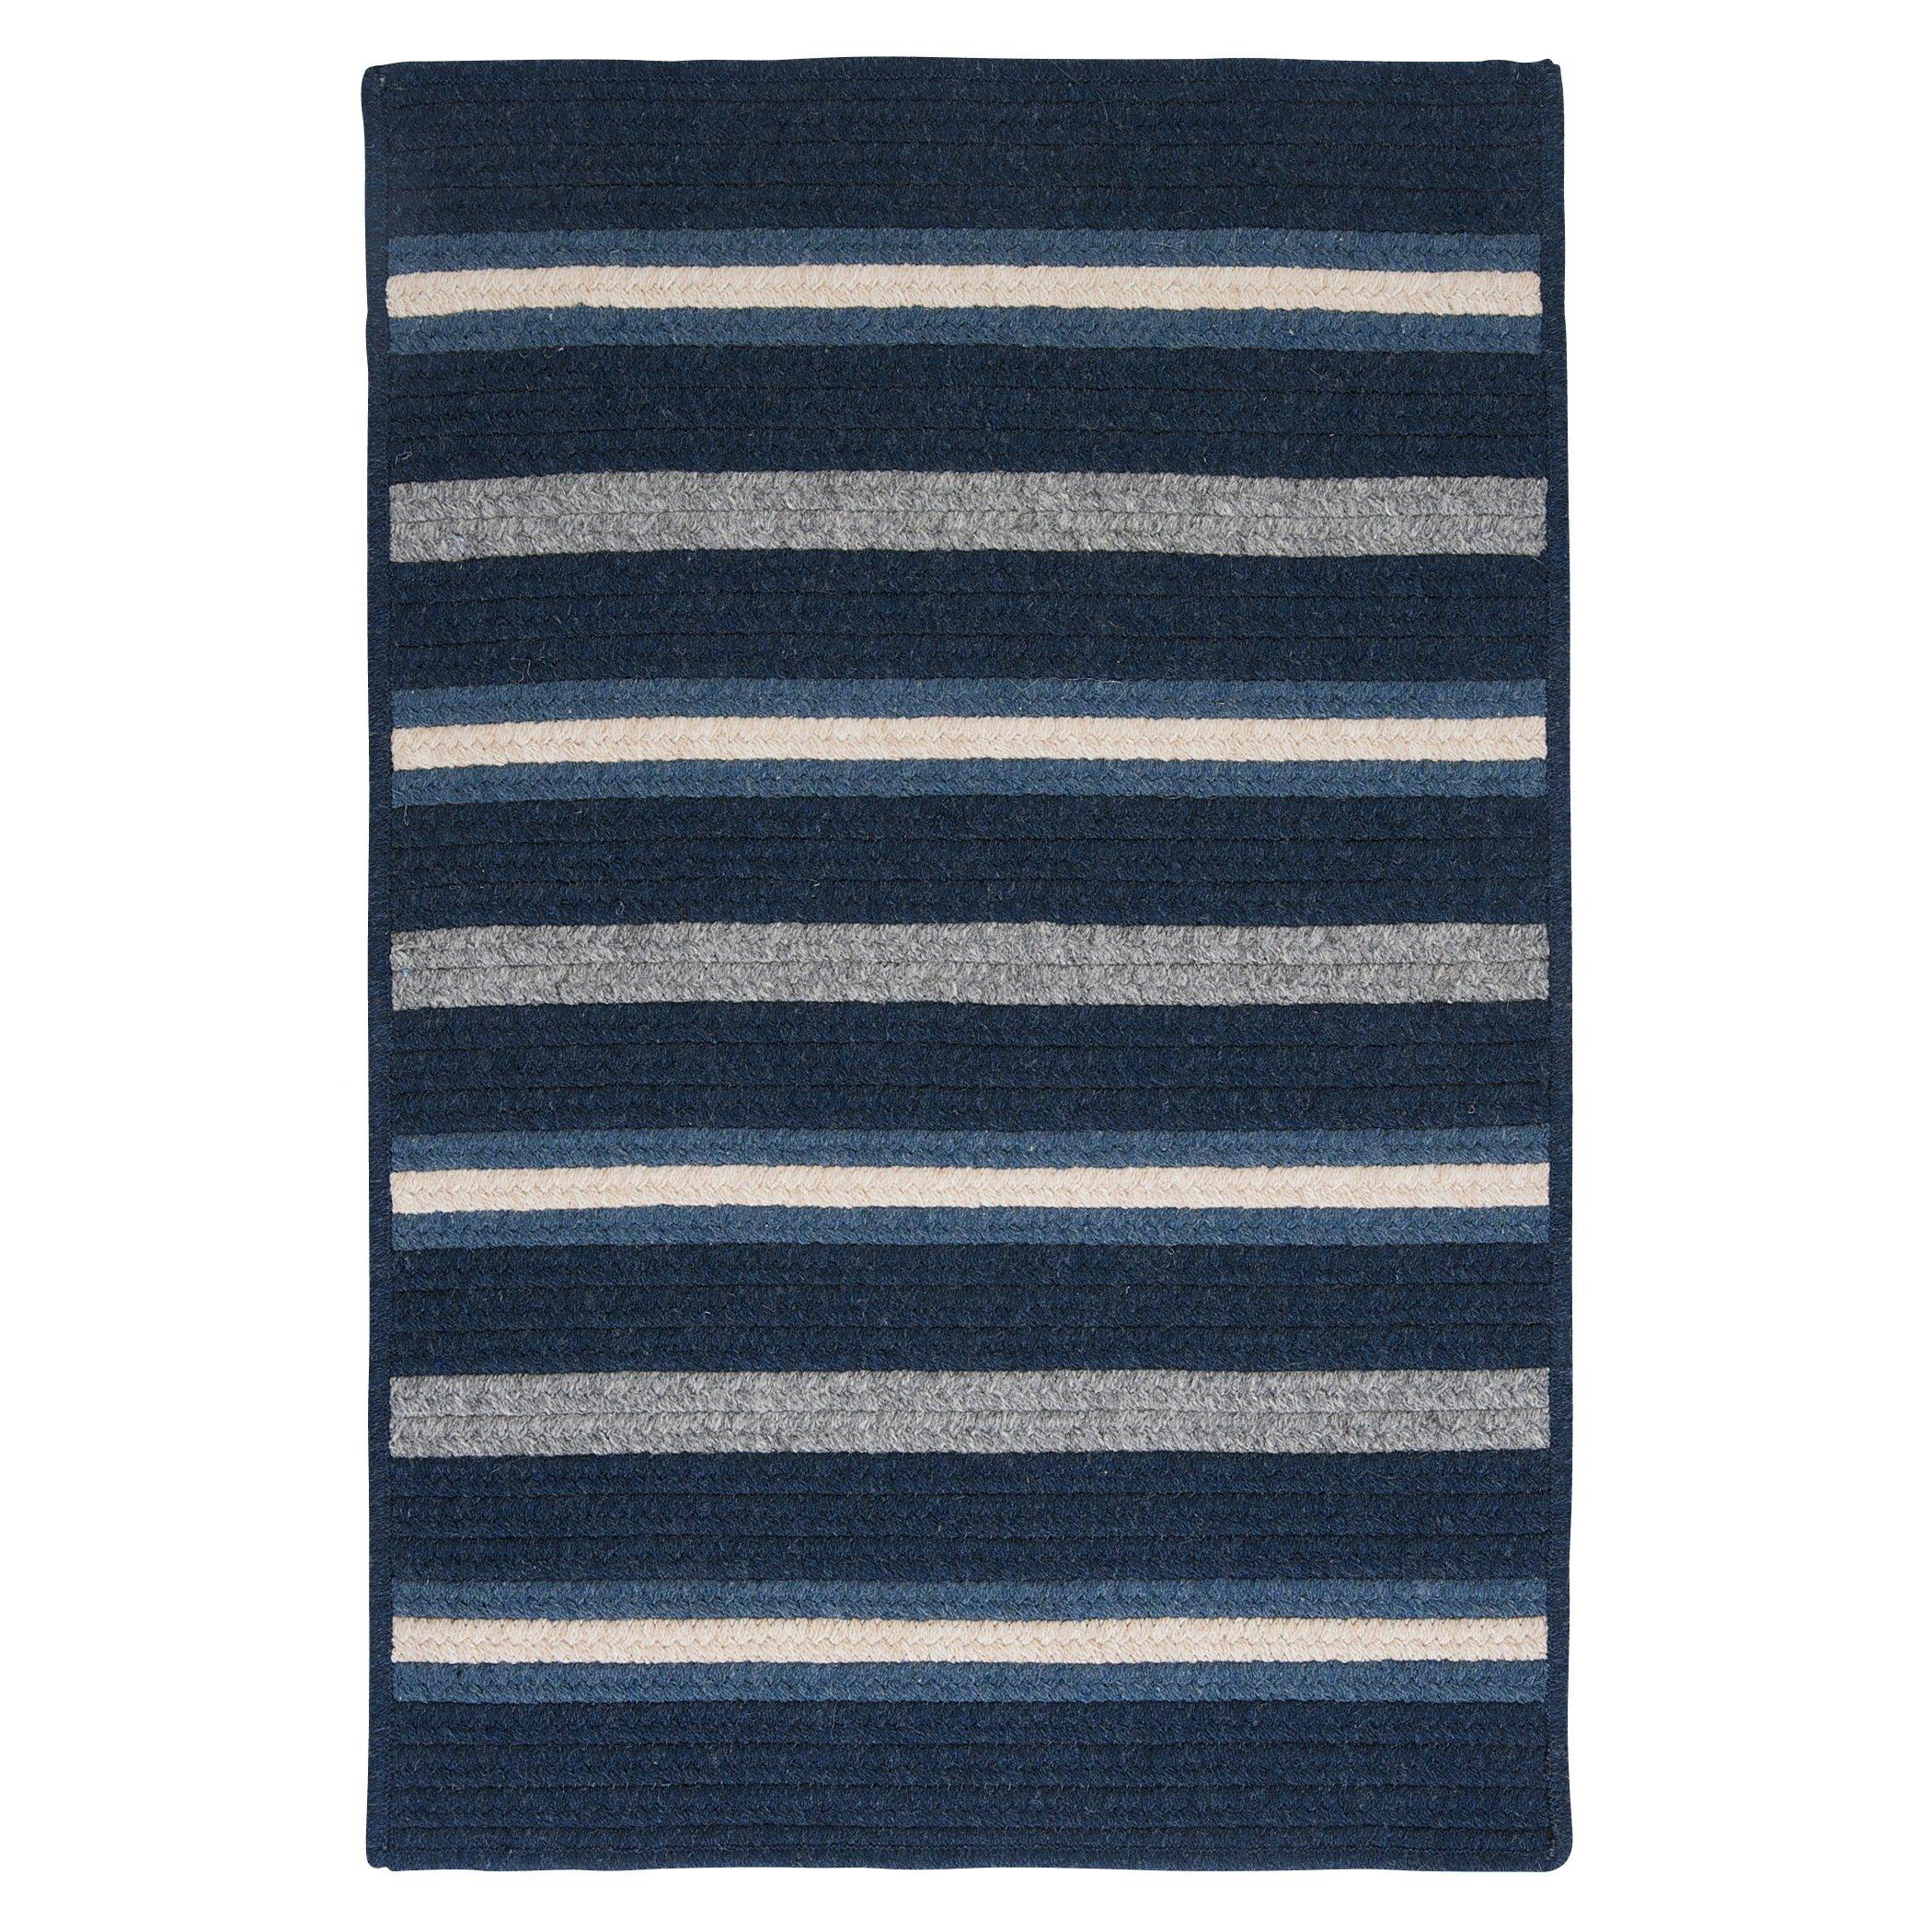 Blue Striped Area Rug Home Decor